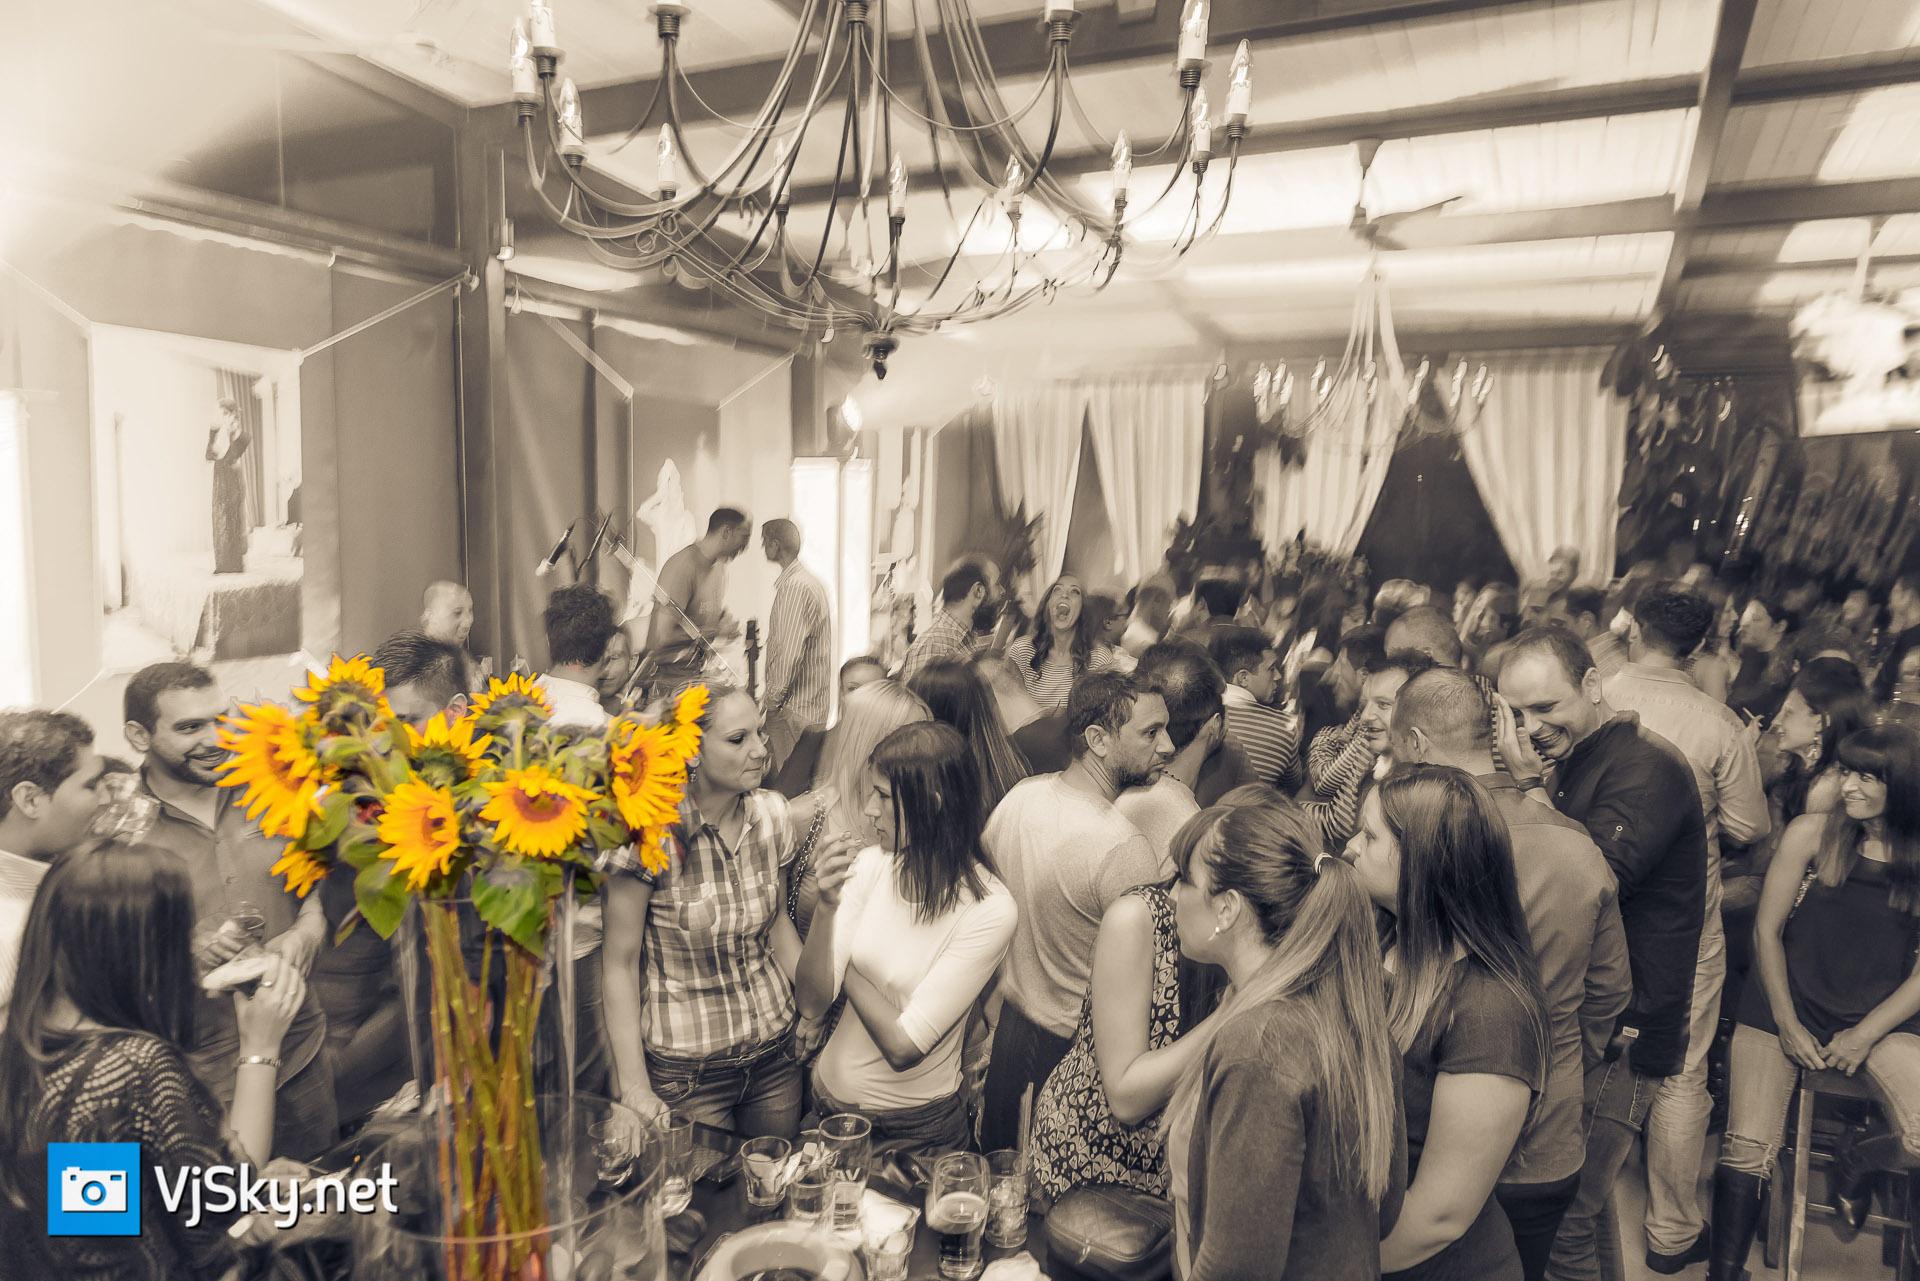 vjsky net informbiro winter lounge otvaranje sezone 22 10 2014 034 Foto izveštaj: Otvaranje nove sezone u Informbirou